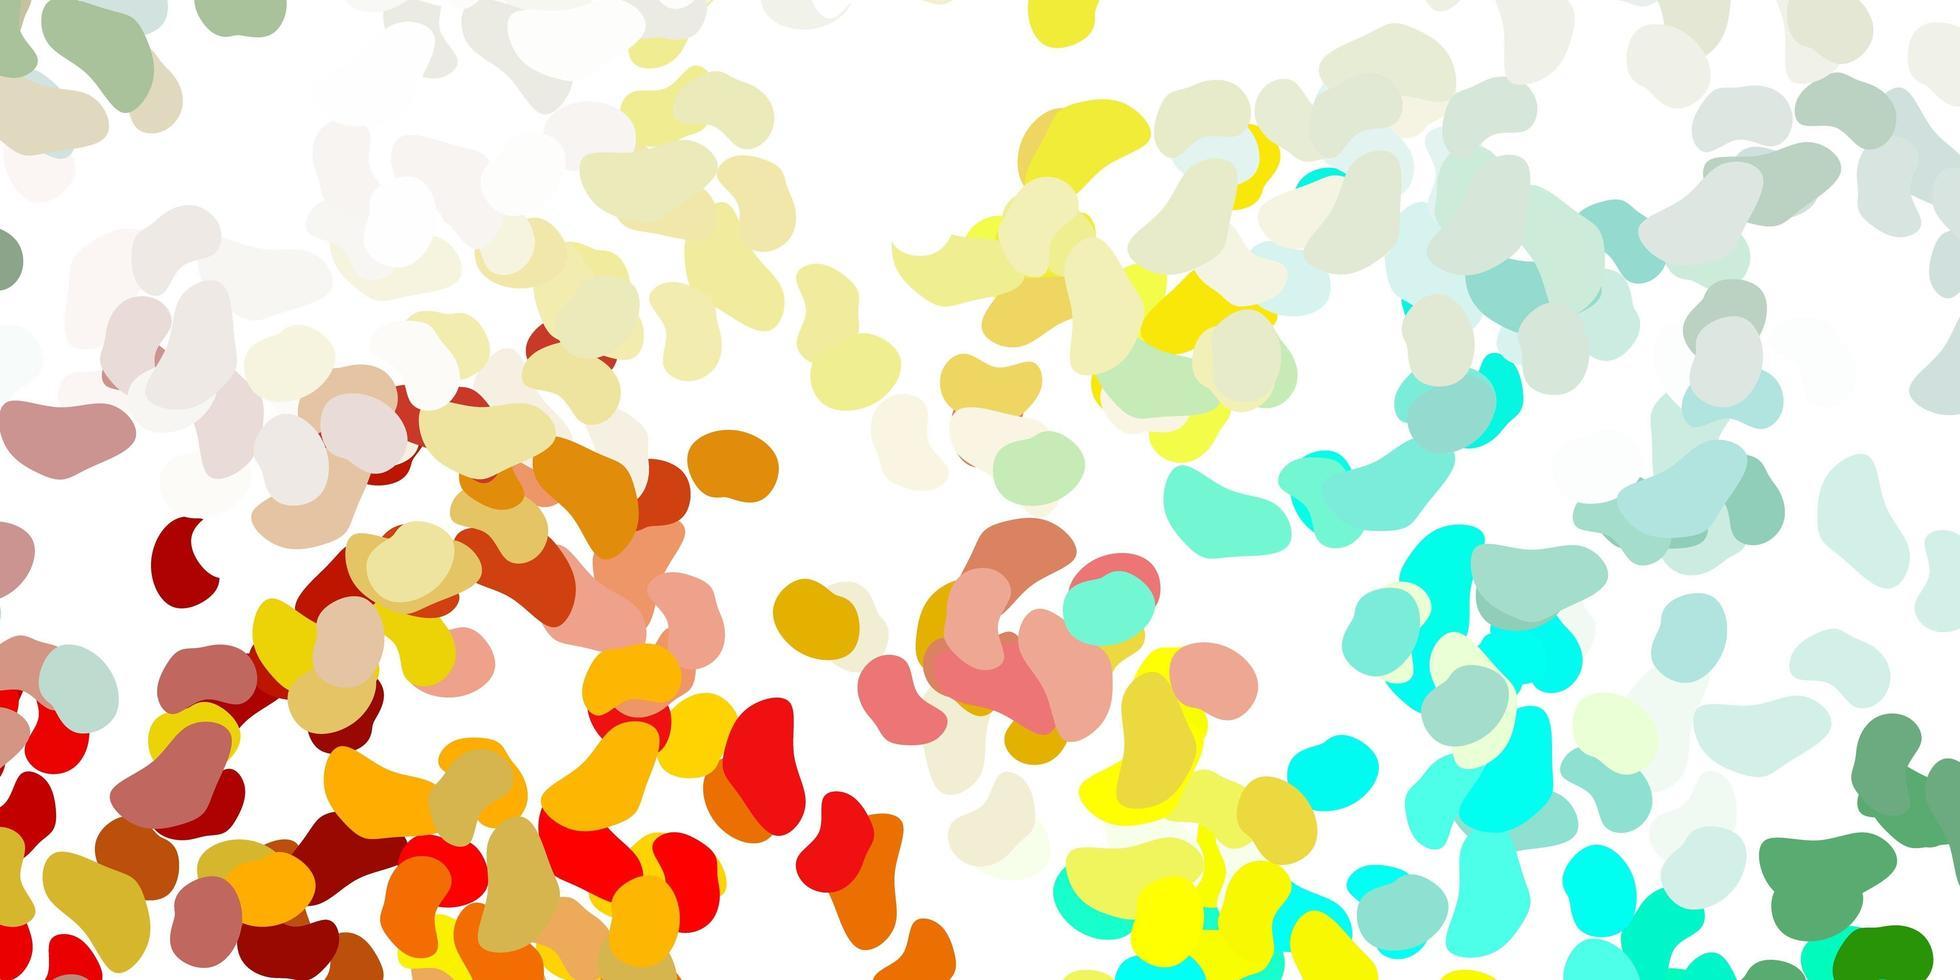 modello multicolore chiaro con forme astratte. vettore